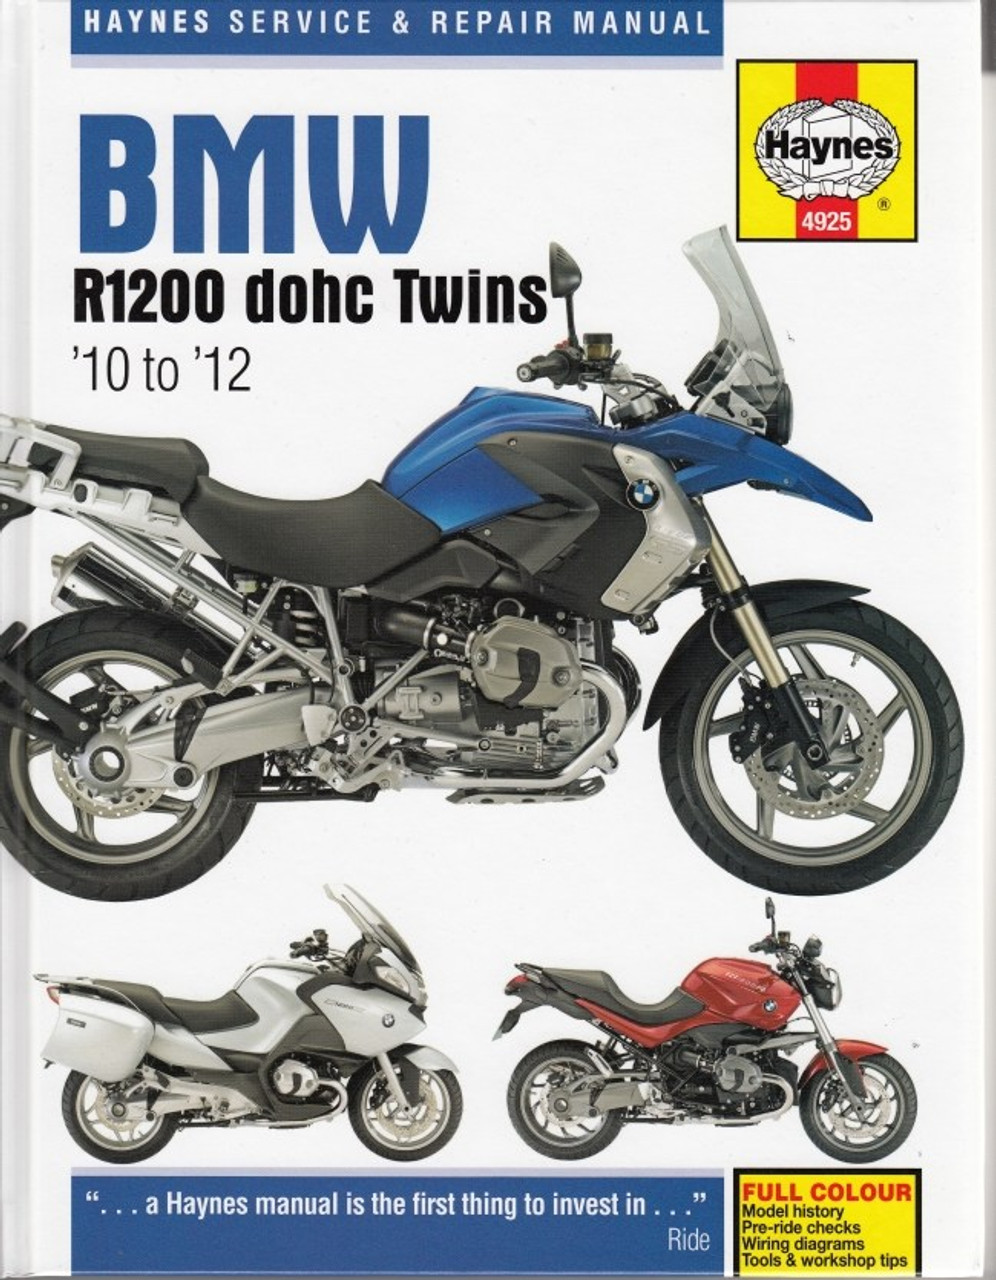 small resolution of bmw r1200 dohc twins 2010 2012 workshop manual 2010 bmw r1200rt wiring diagram